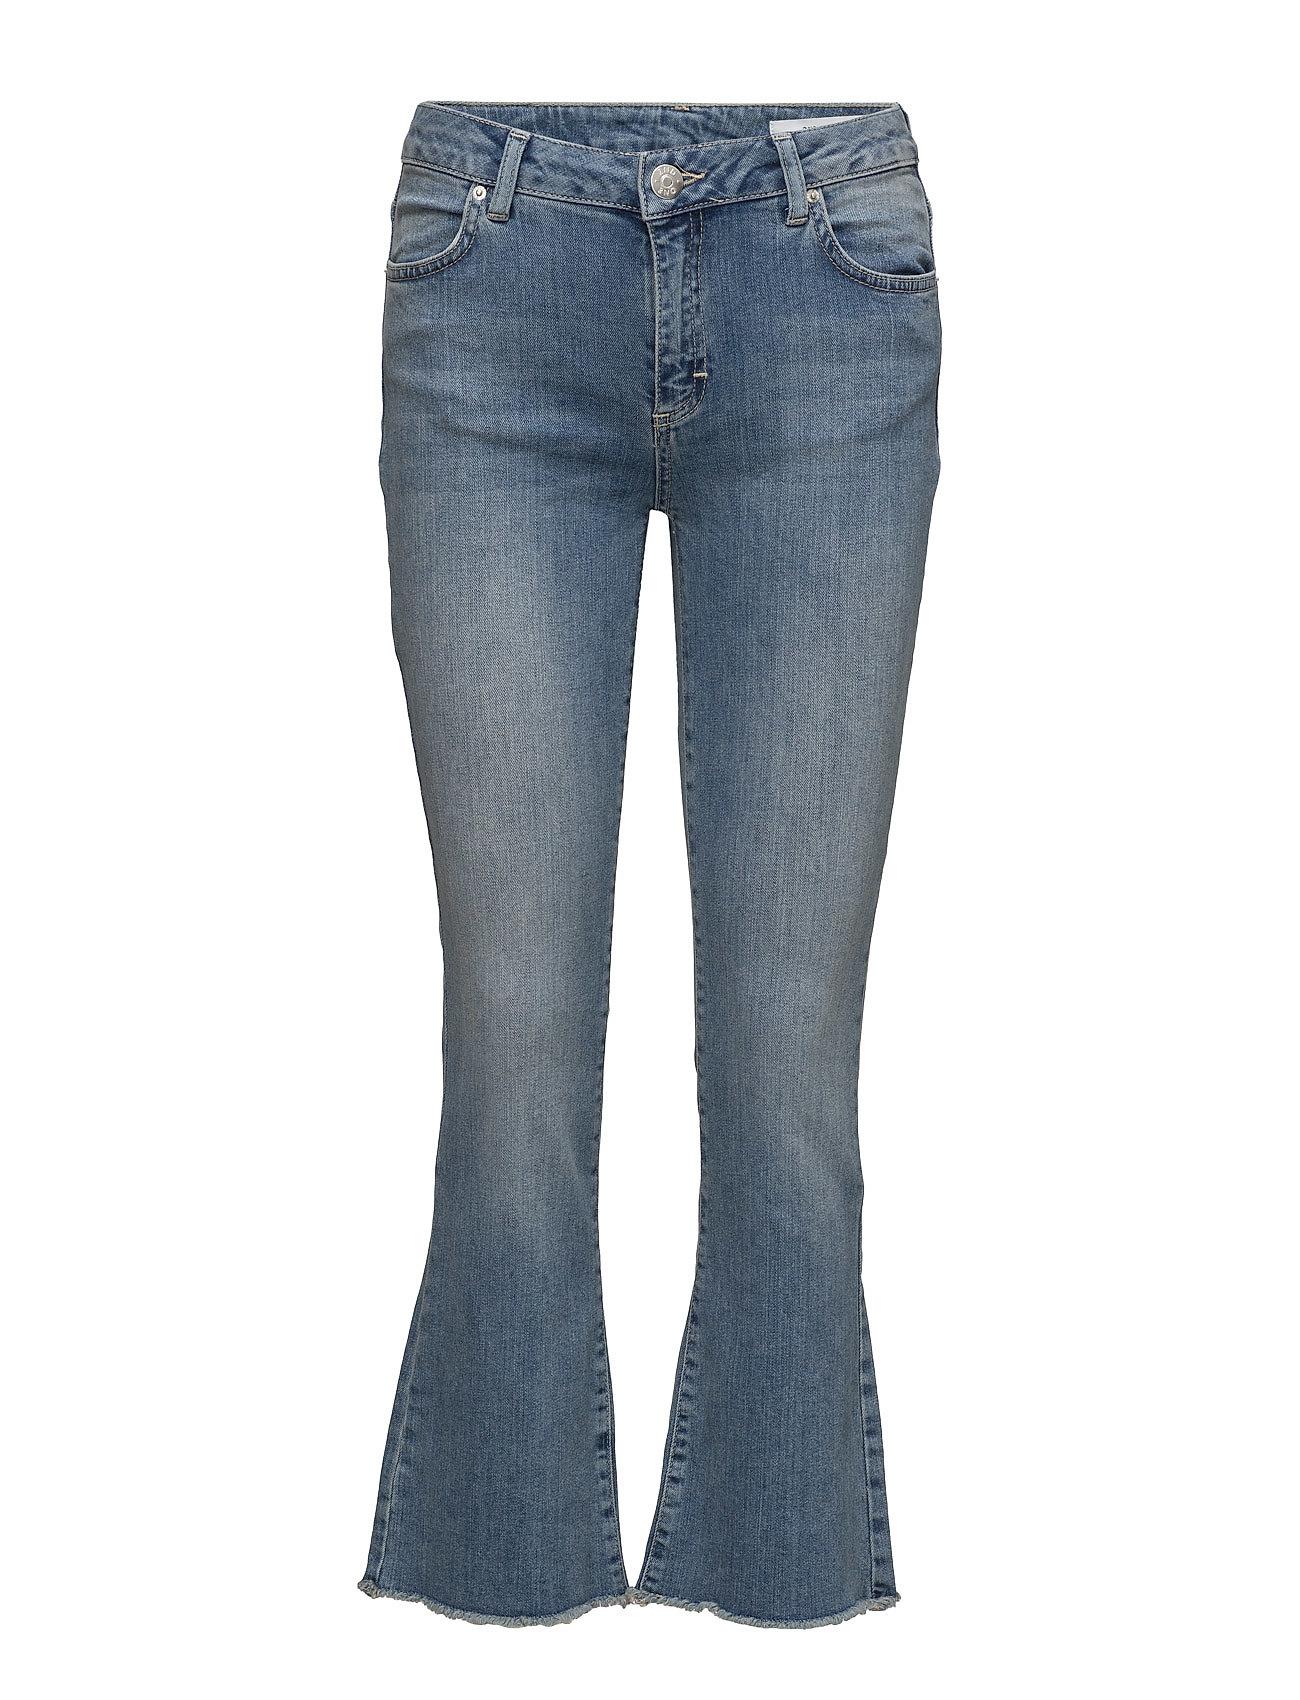 Janelle 824 Vintage Soul, Jeans thumbnail